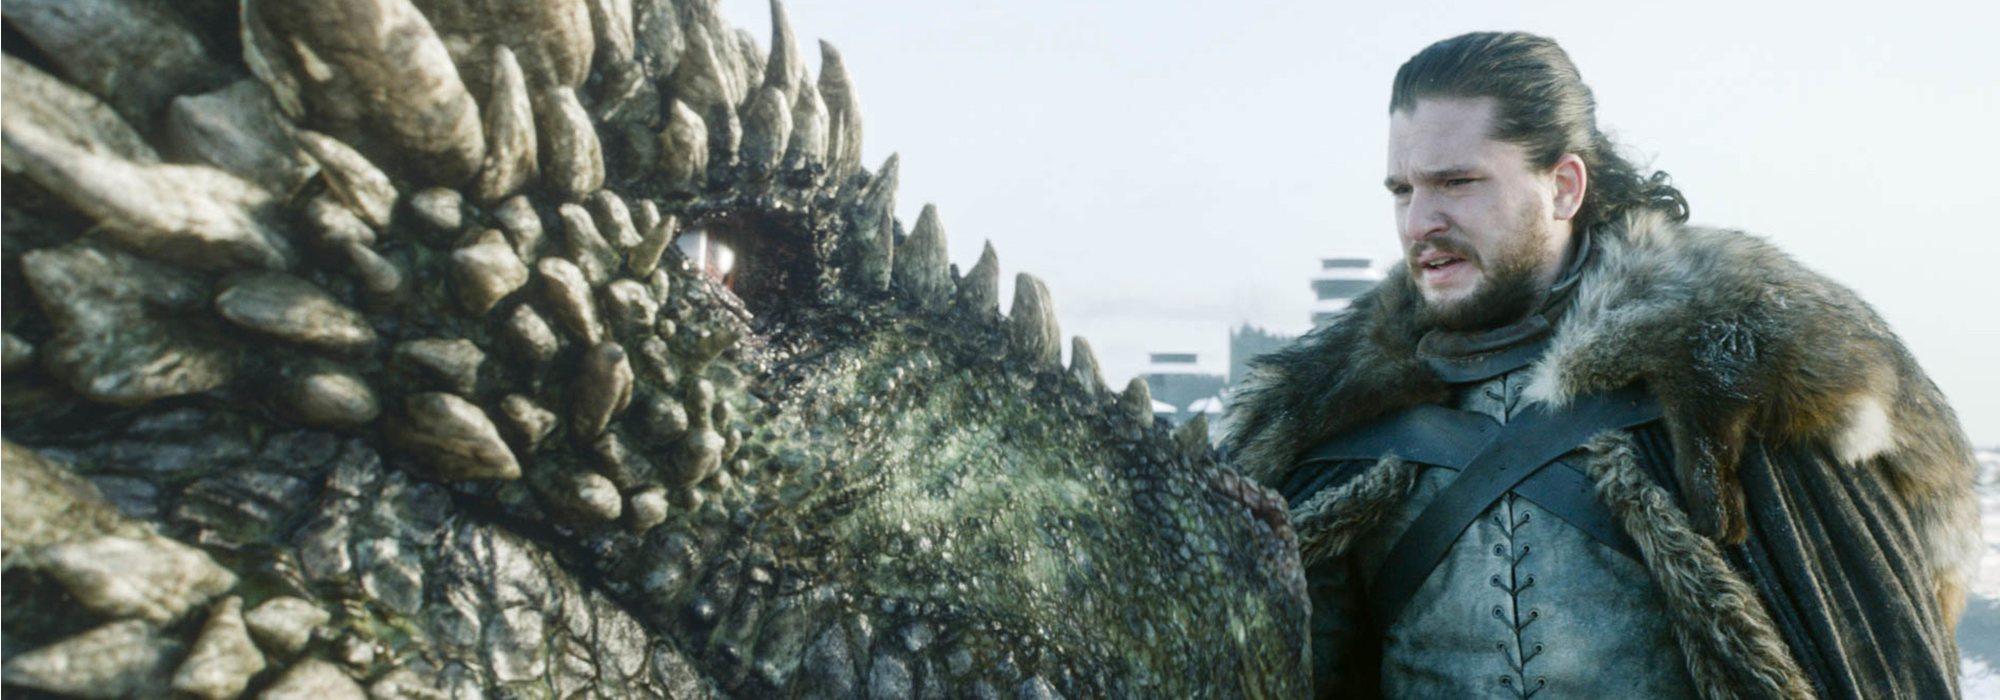 La muerte de Jon Snow en 'Juego de tronos', ¿a favor o en contra?